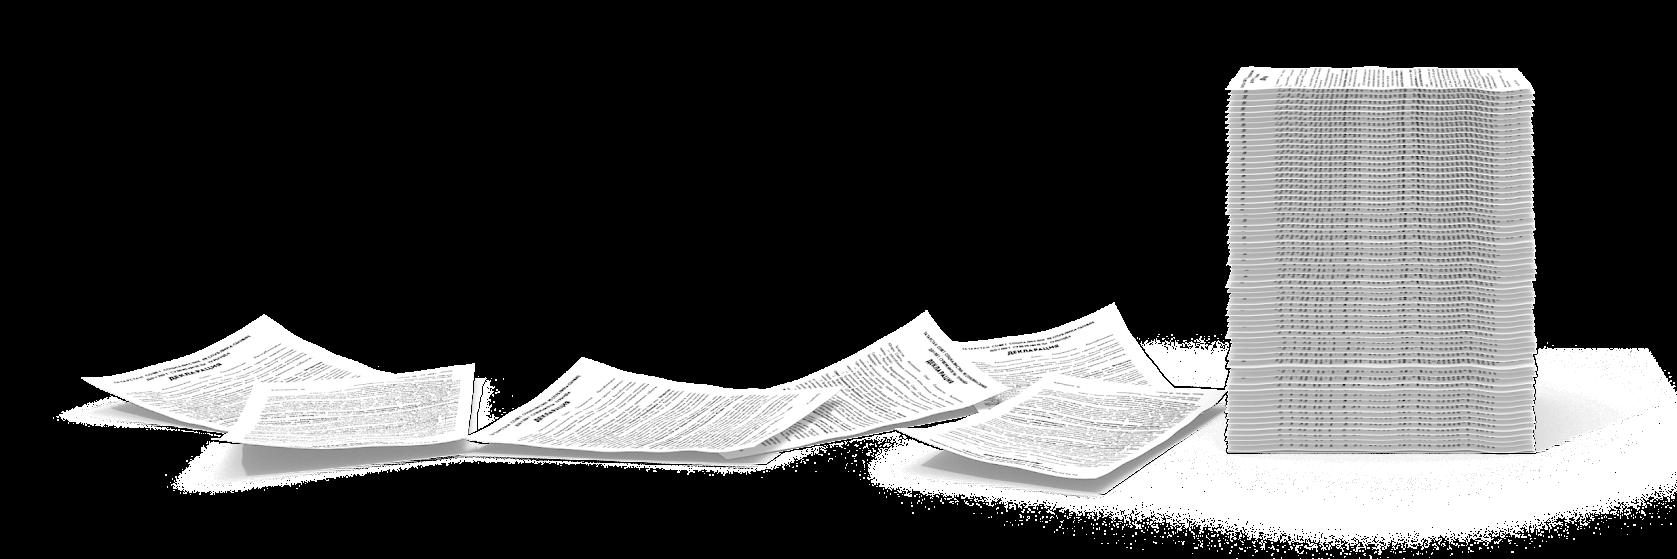 стопка бумаги разбросанные листы бумаги.